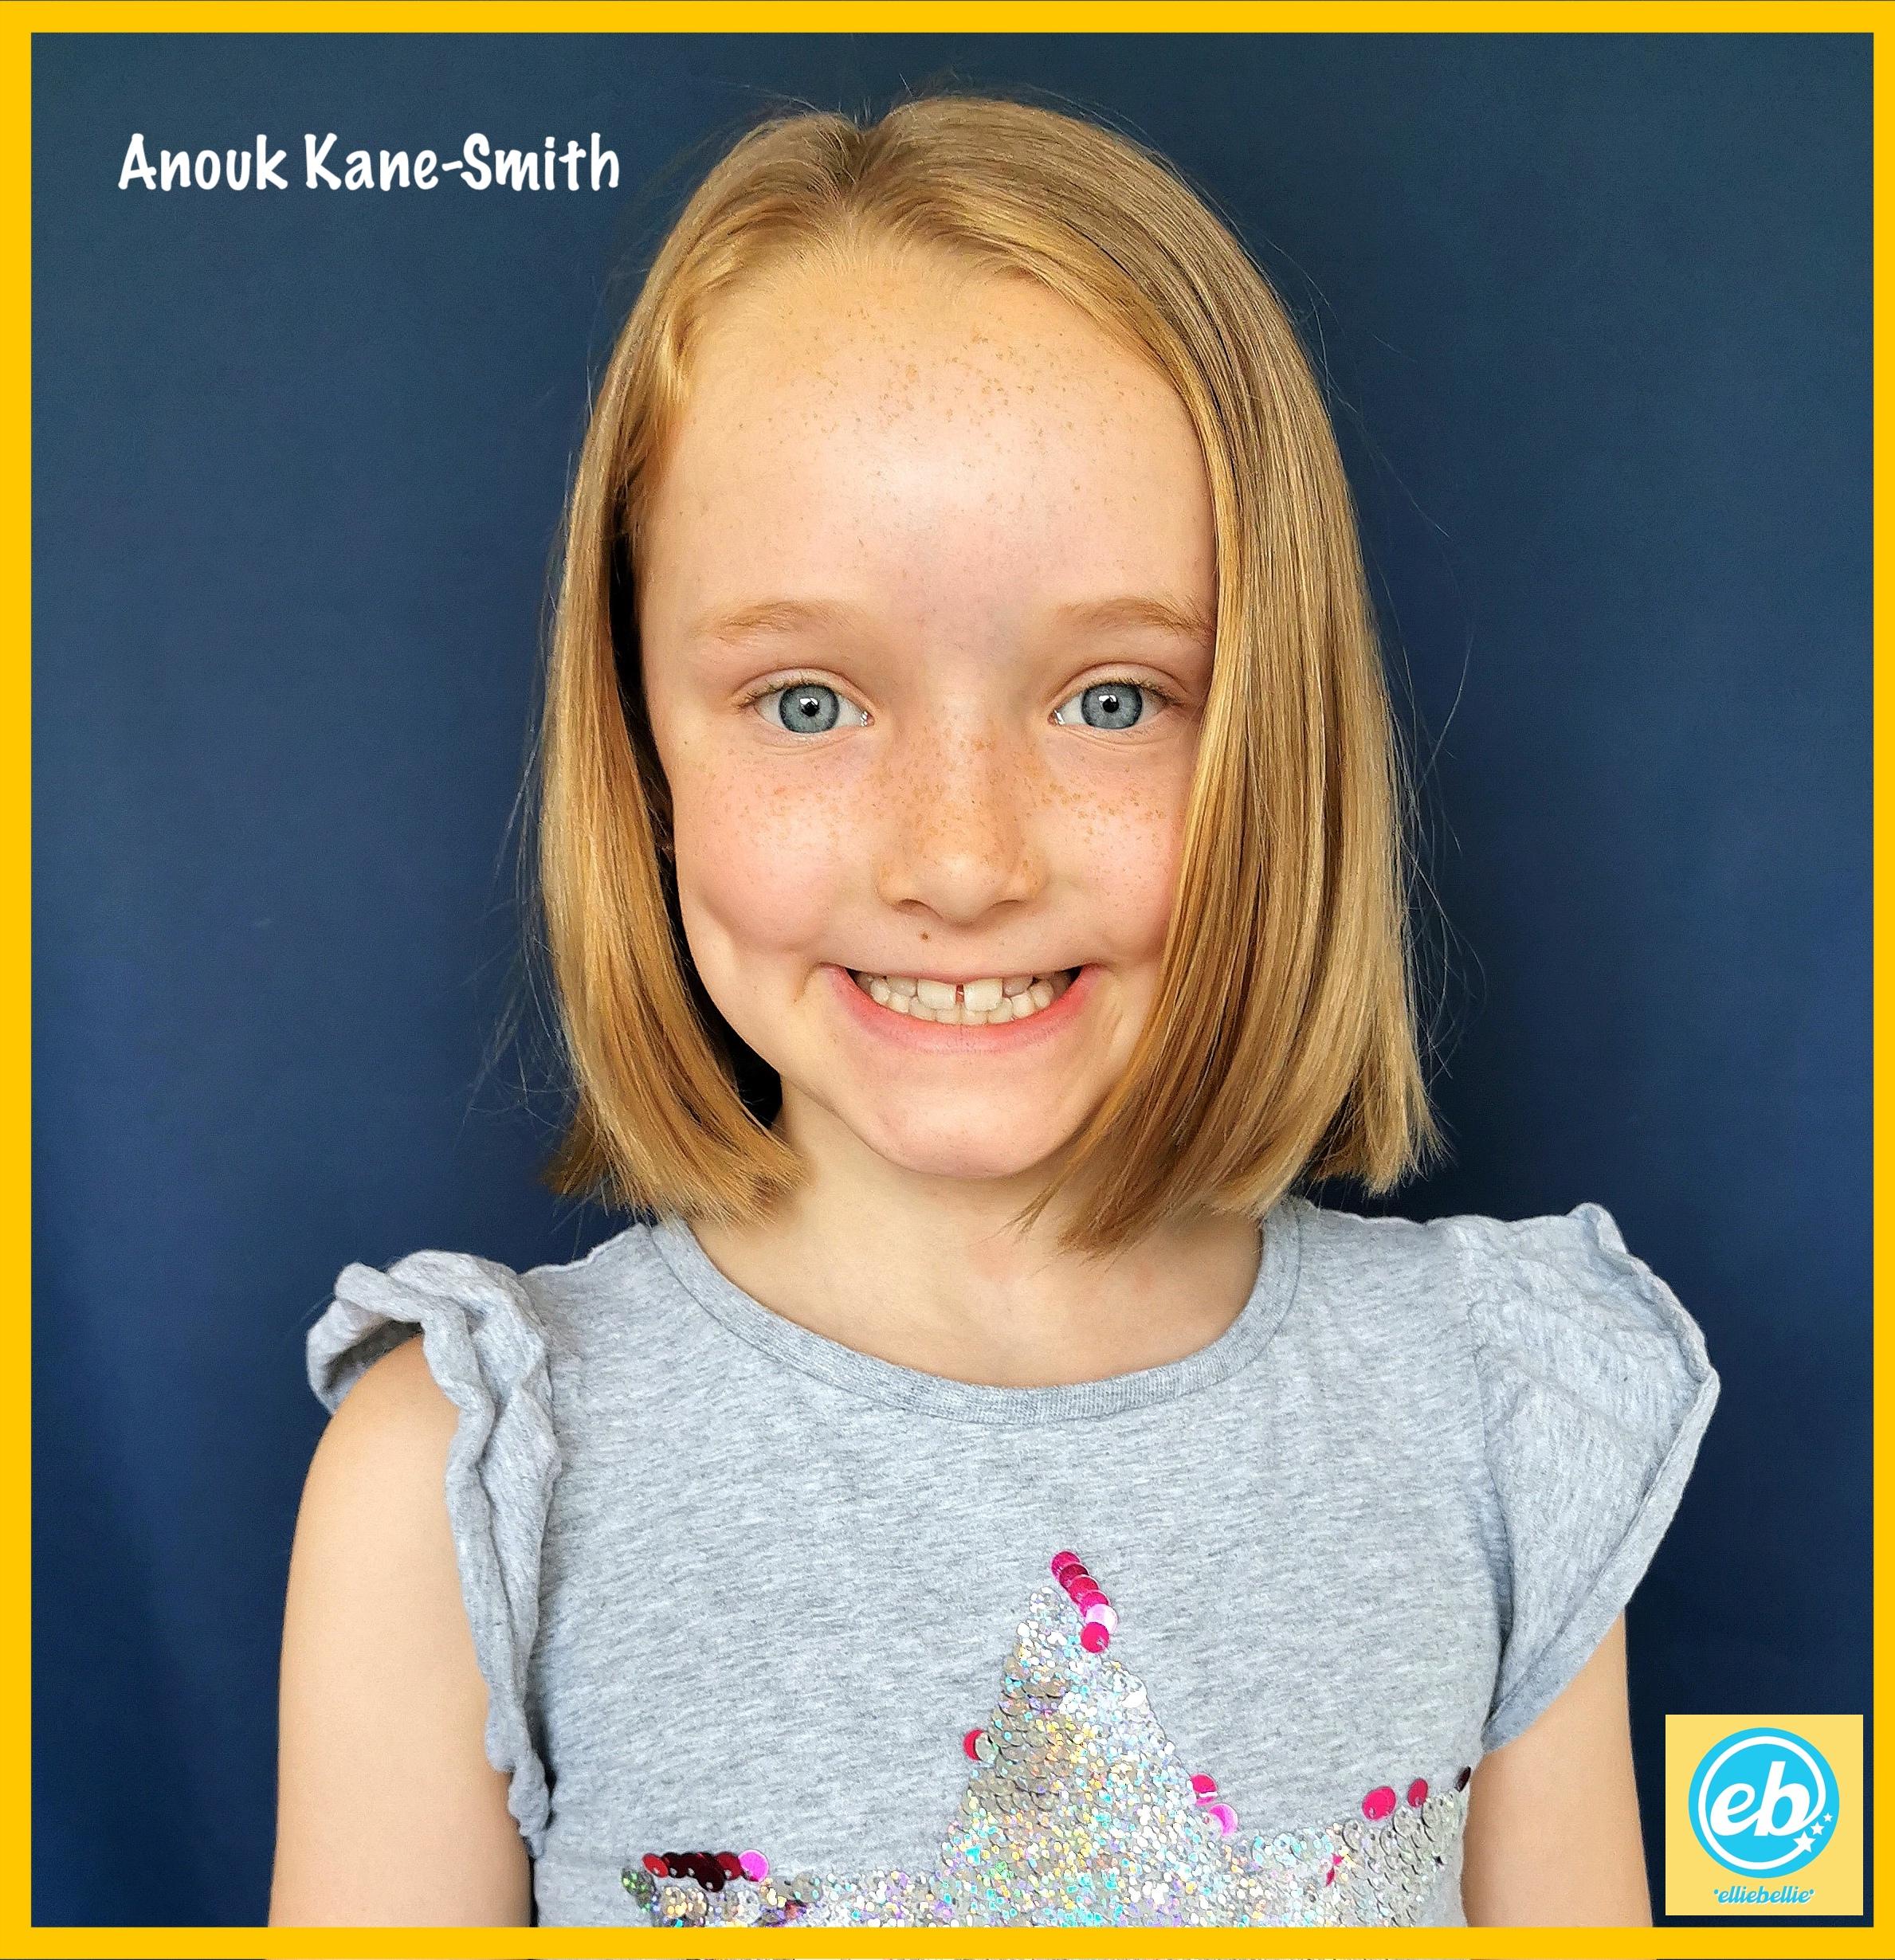 Anouk Kane-Smith